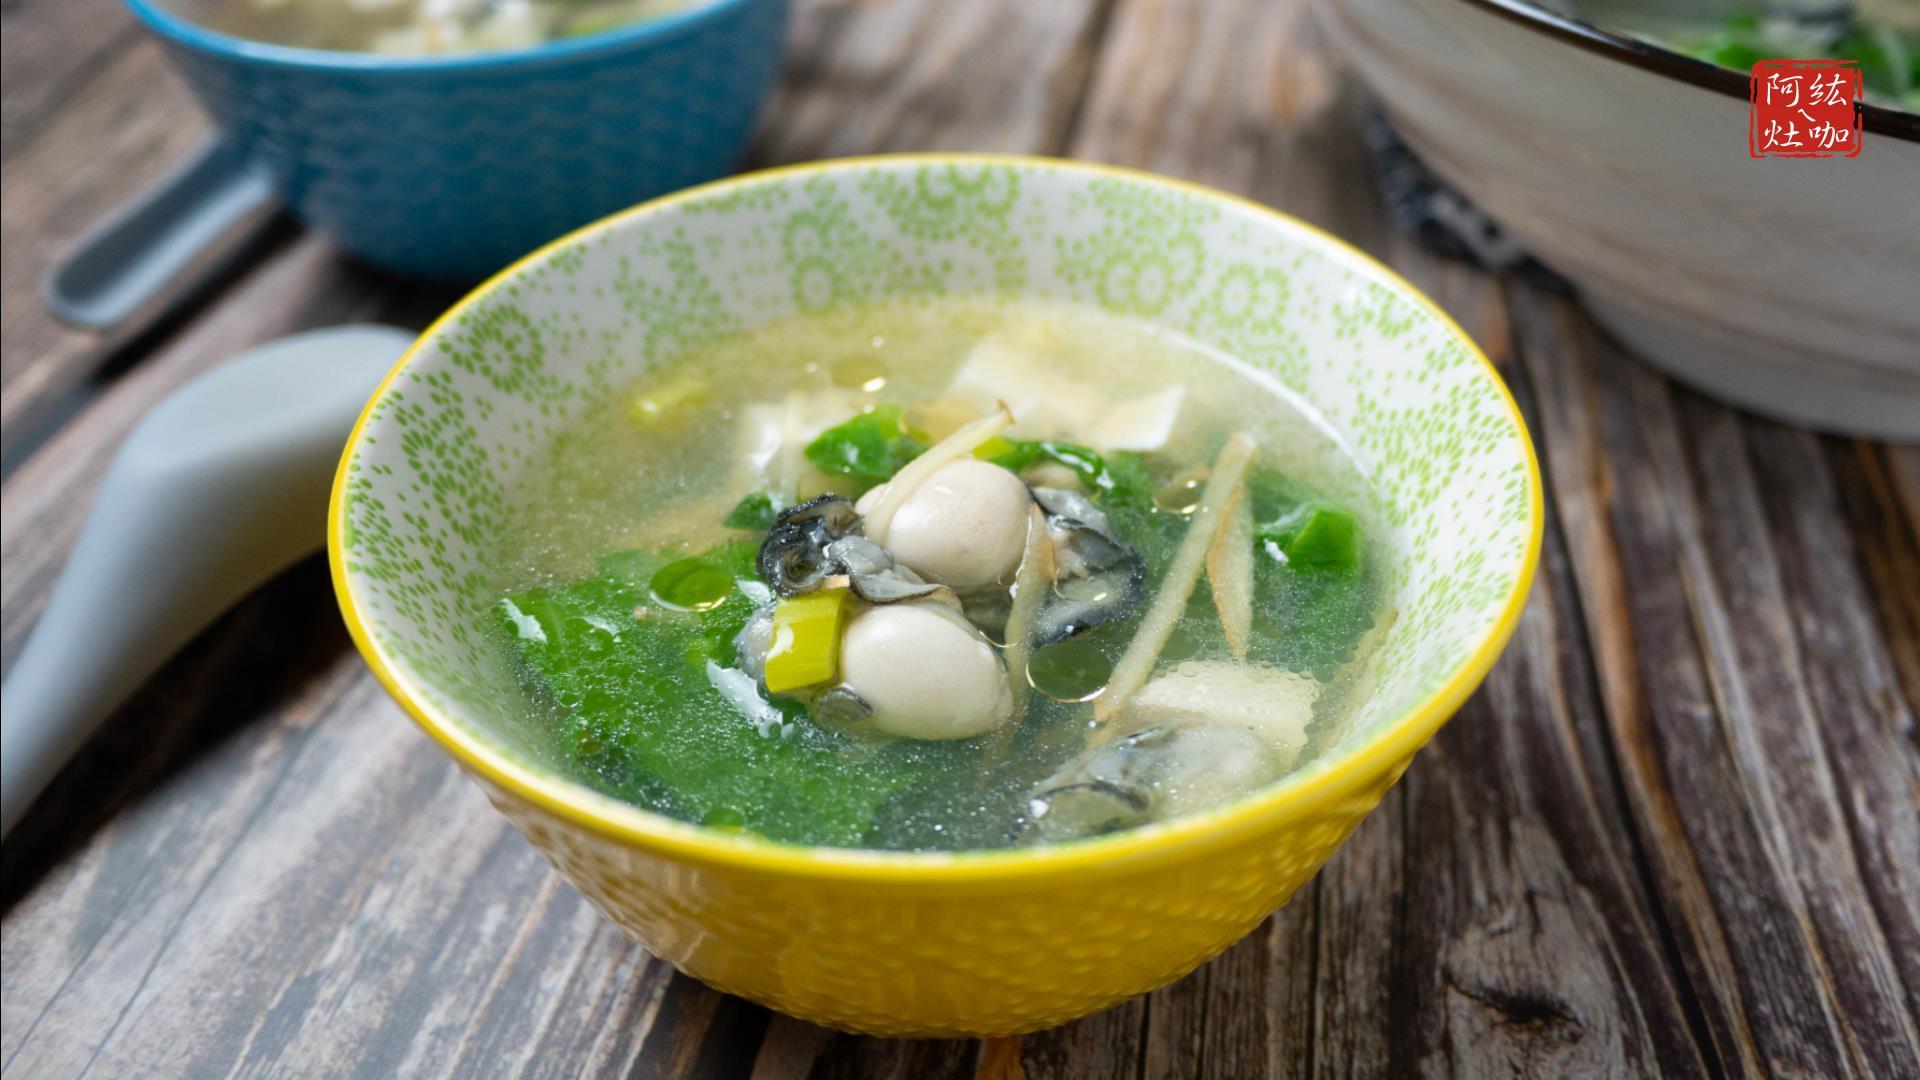 #124 鮮蚵豆腐湯